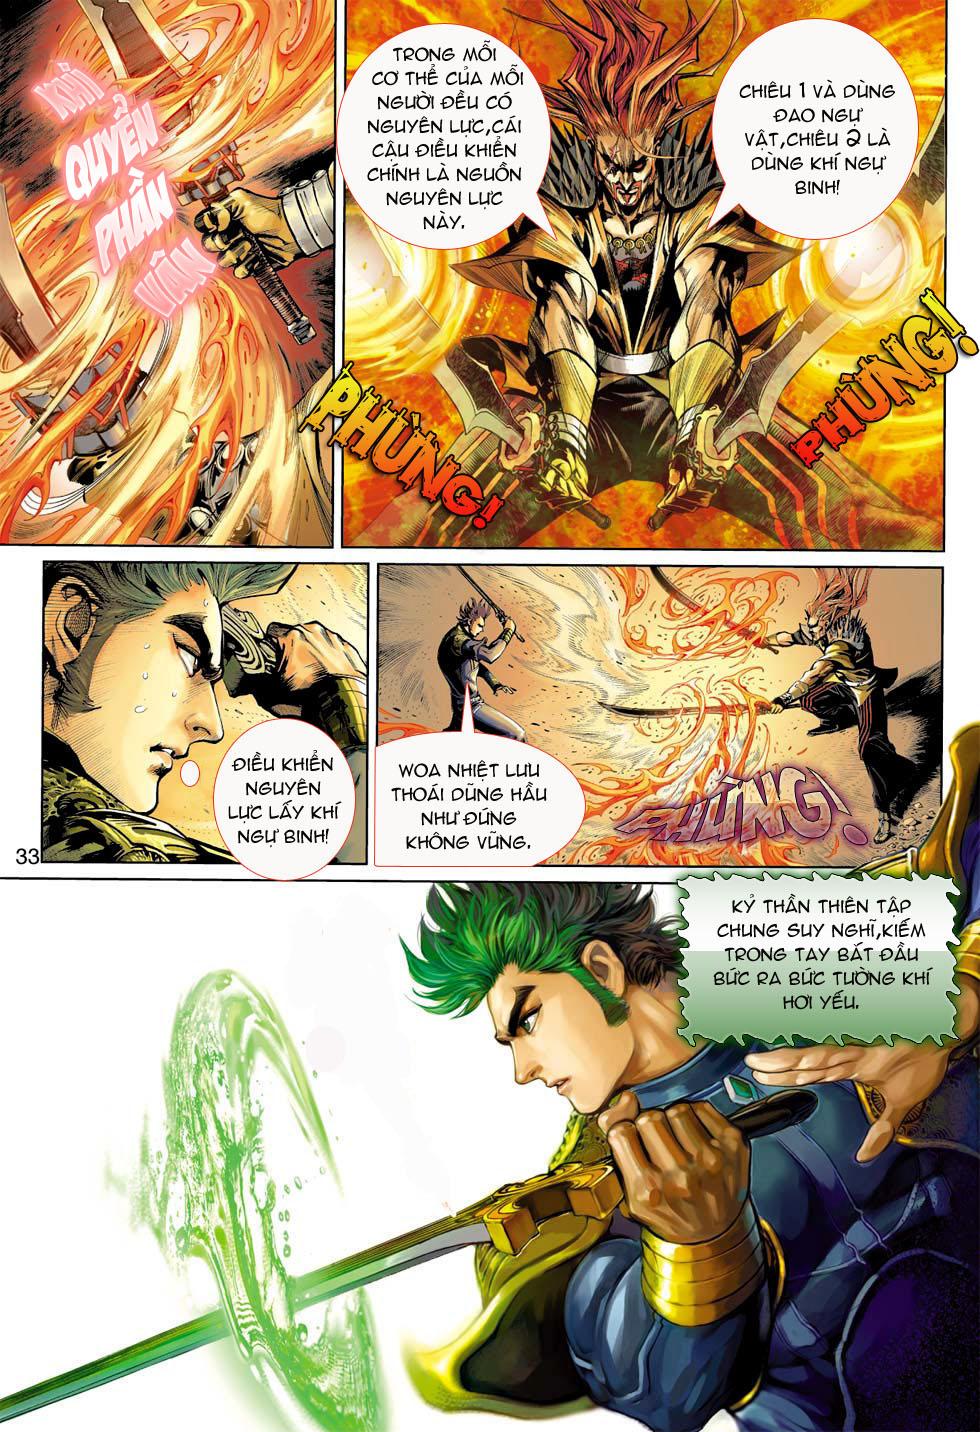 Thần Binh 4 chap 8 - Trang 33